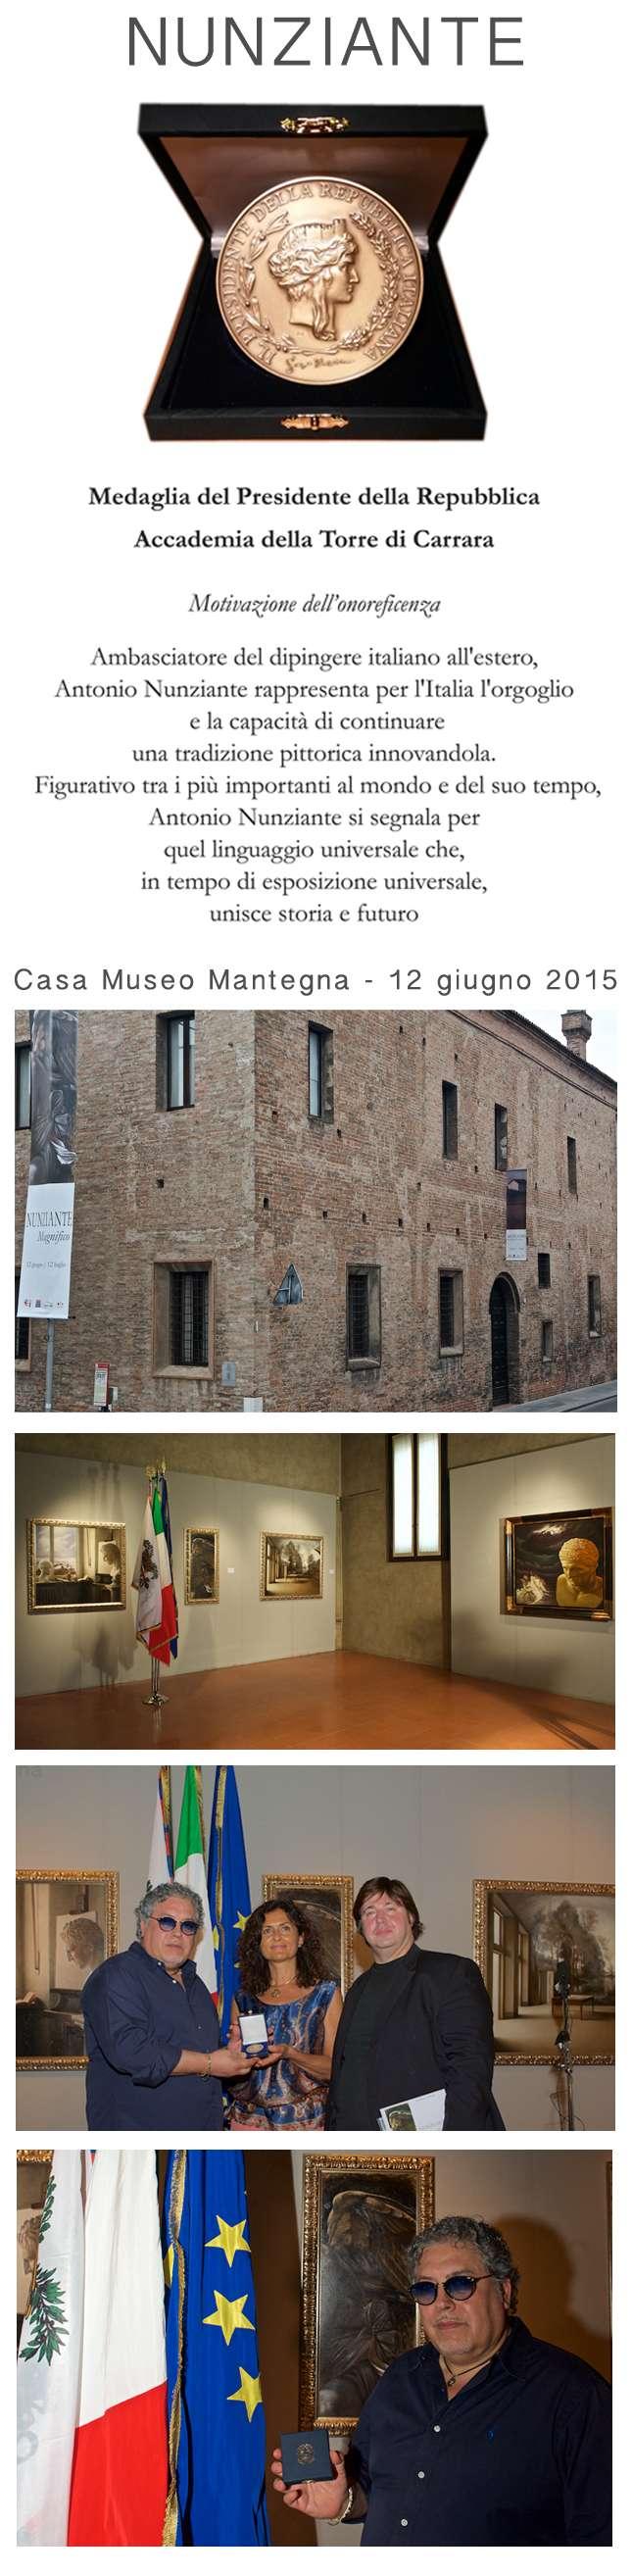 Nunziante a Mantova - Casa del Mantegna - 12/06-12/07 2015 16061510